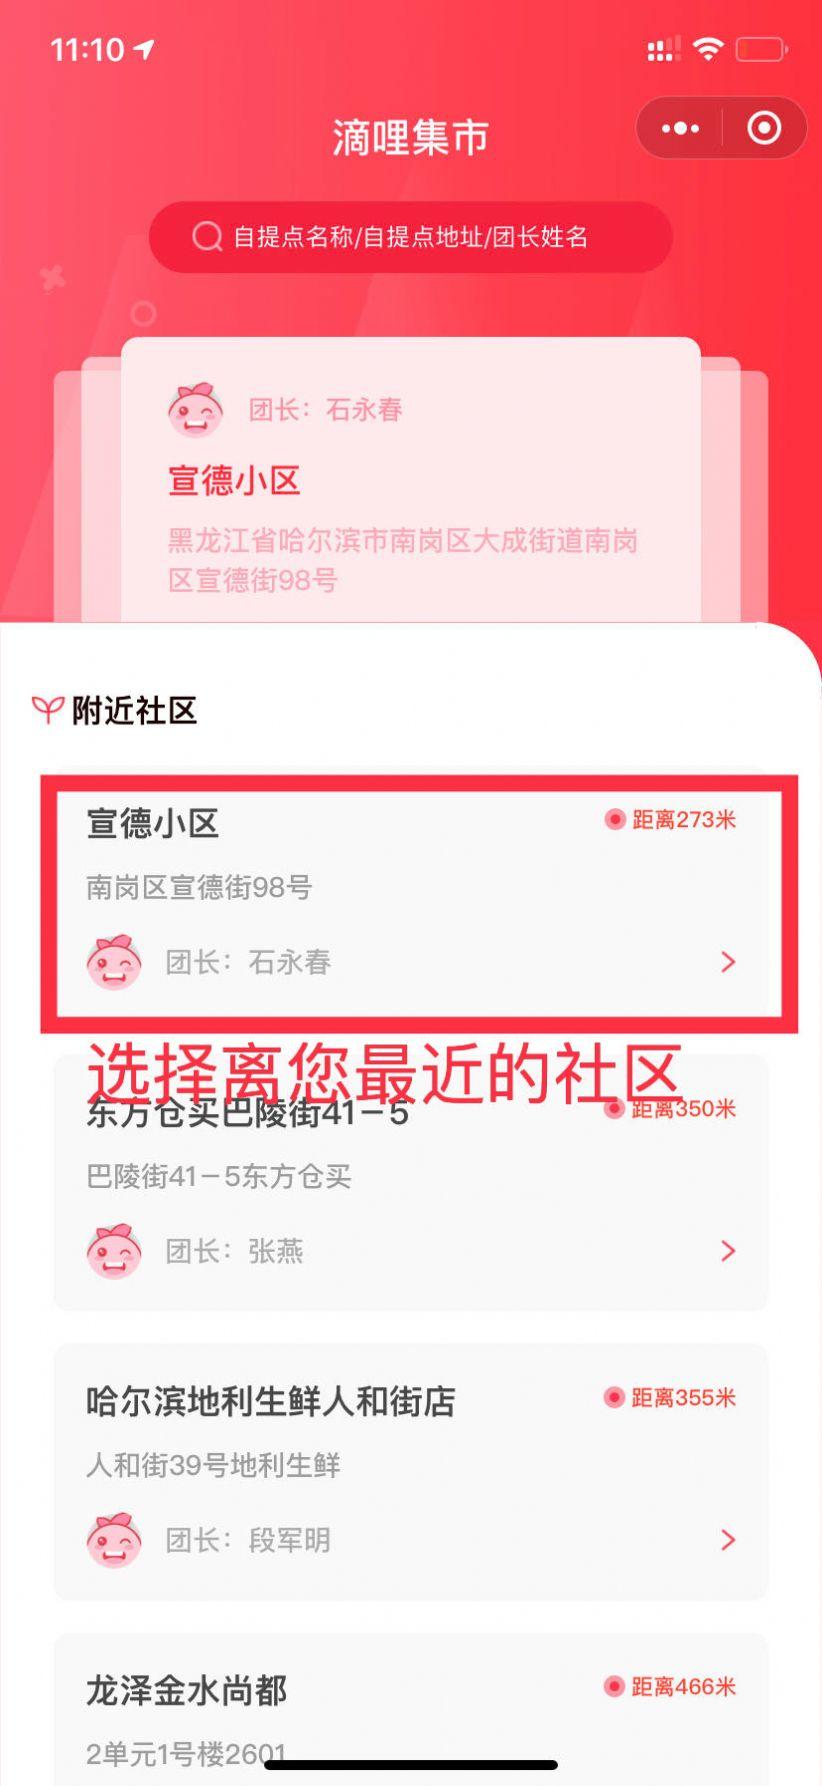 滴哩集市官网下载手机版图1: